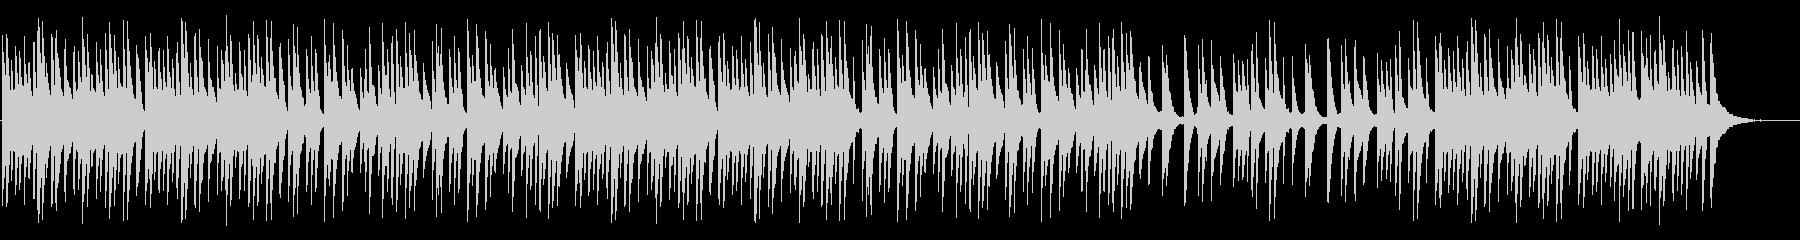 JSバッハのスタイルのエレガントで...の未再生の波形